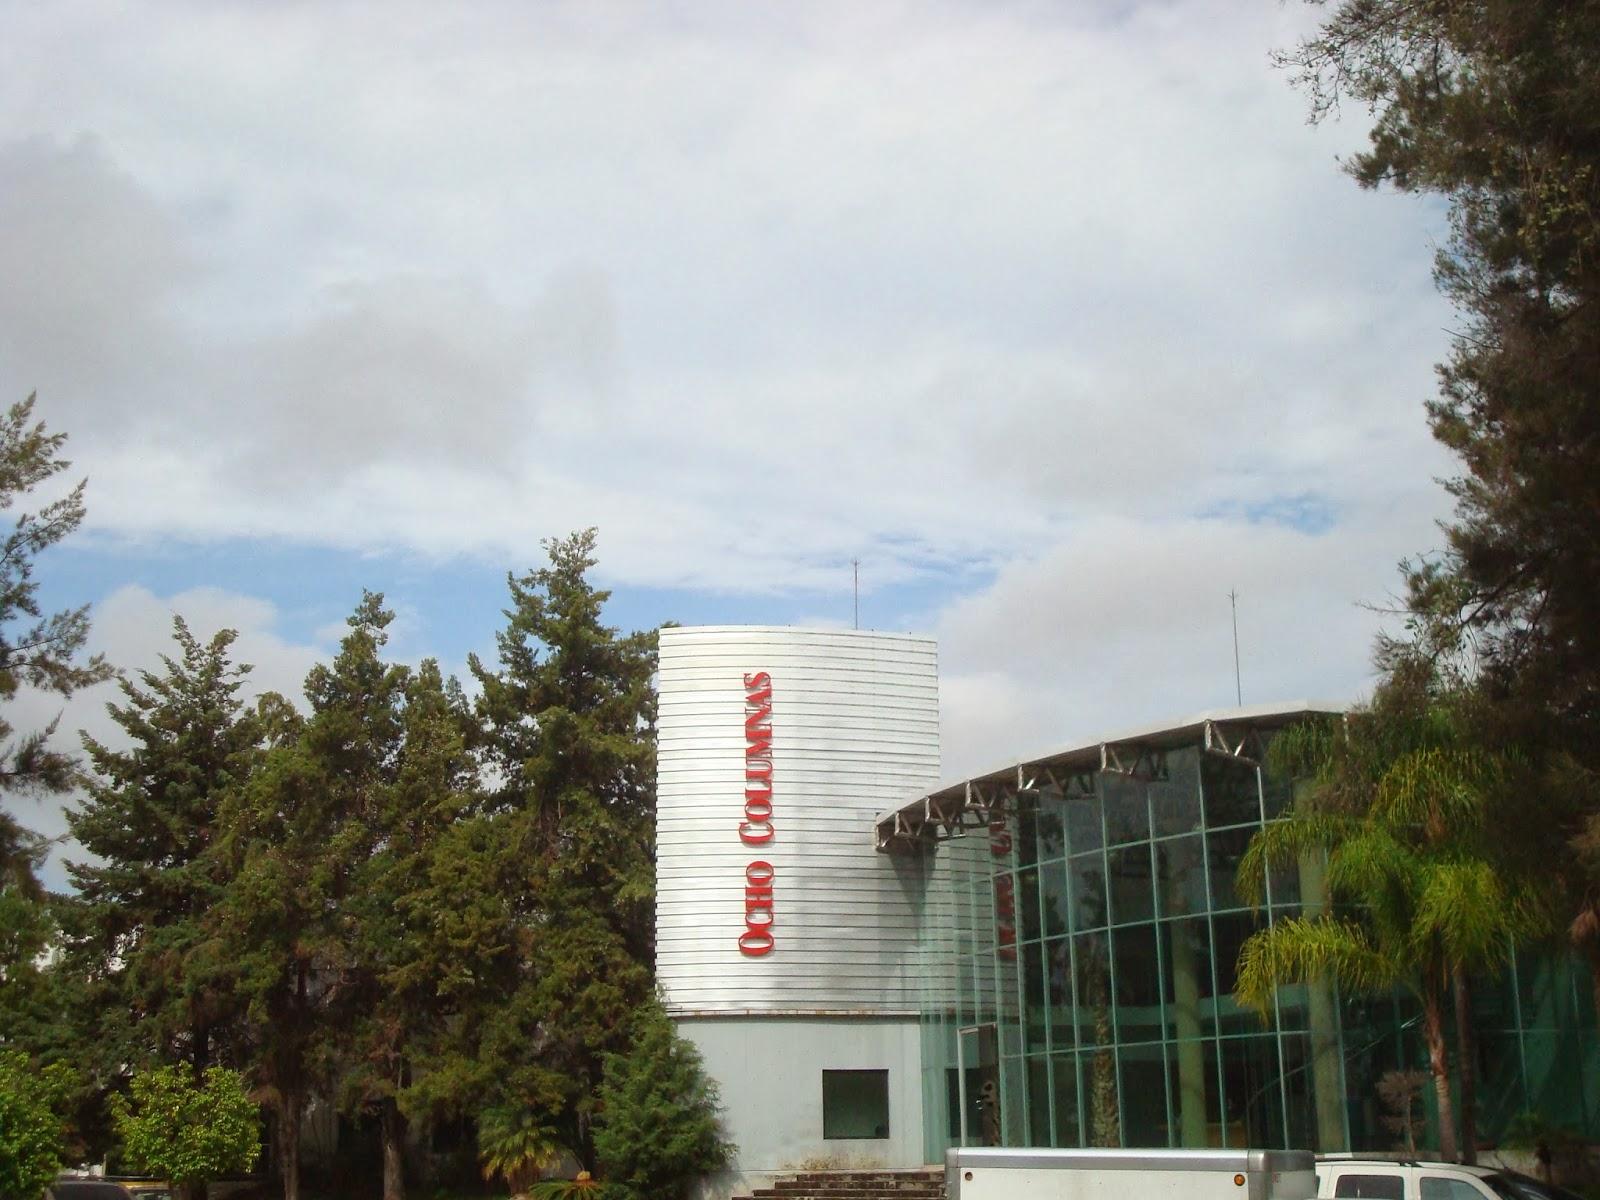 Sancarlosfortin oficinas de ex periodico ocho columnas en for Oficina de correos guadalajara